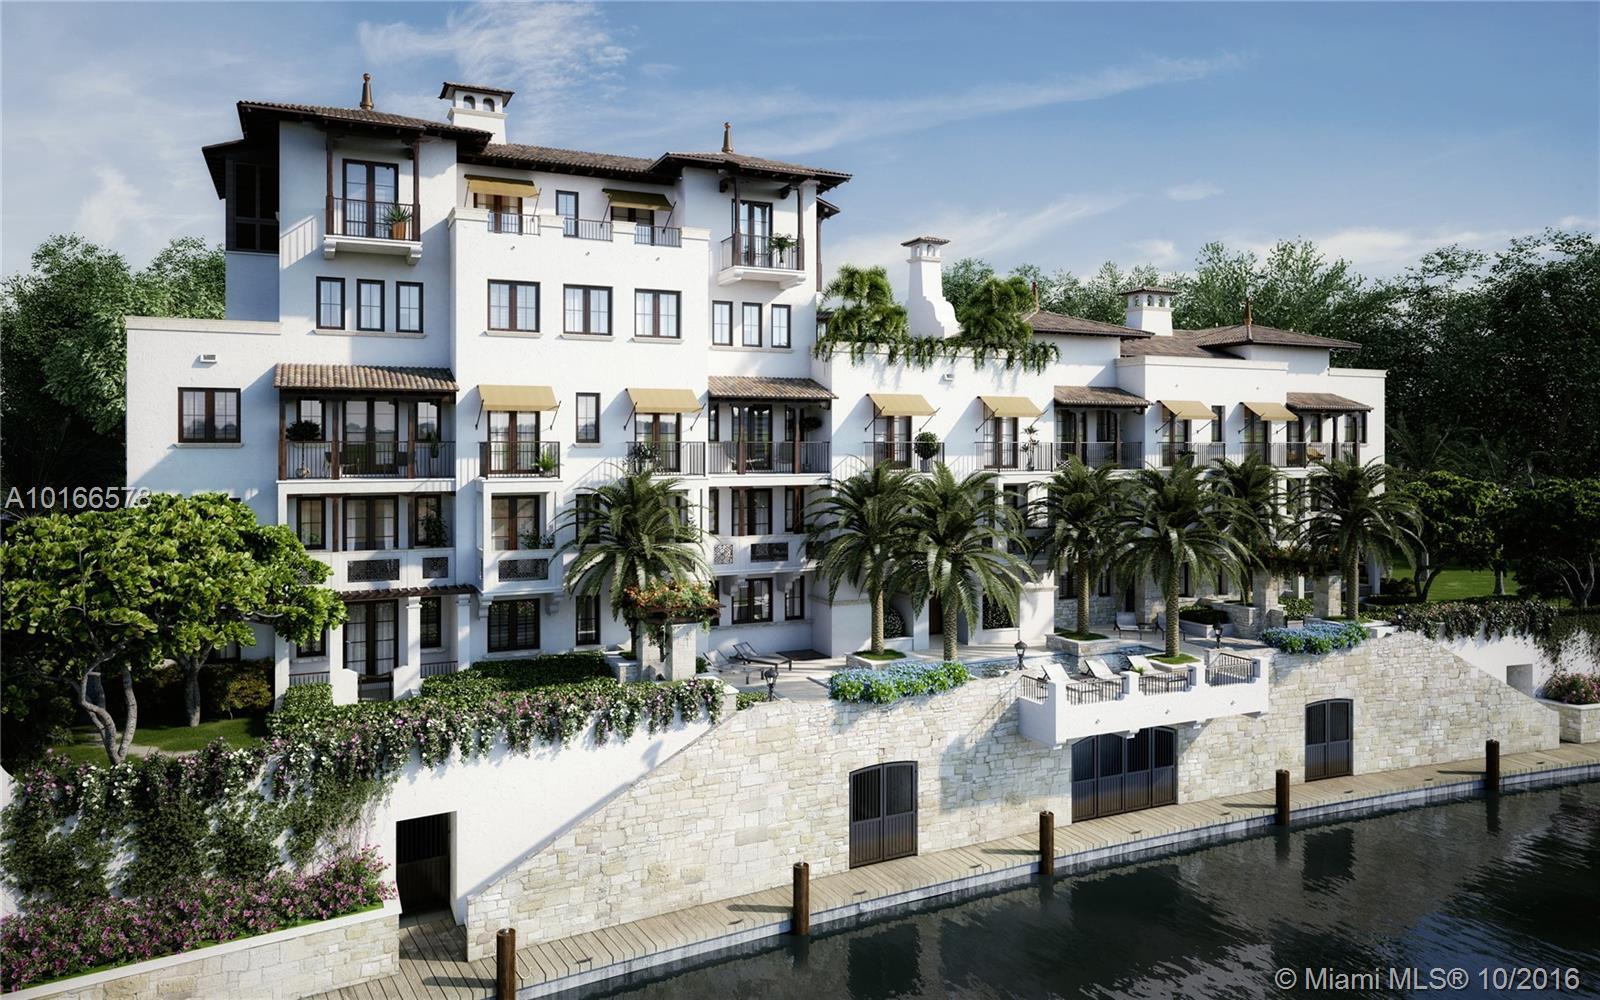 6100 Caballero Bl A North Villa, Coral Gables, FL 33146